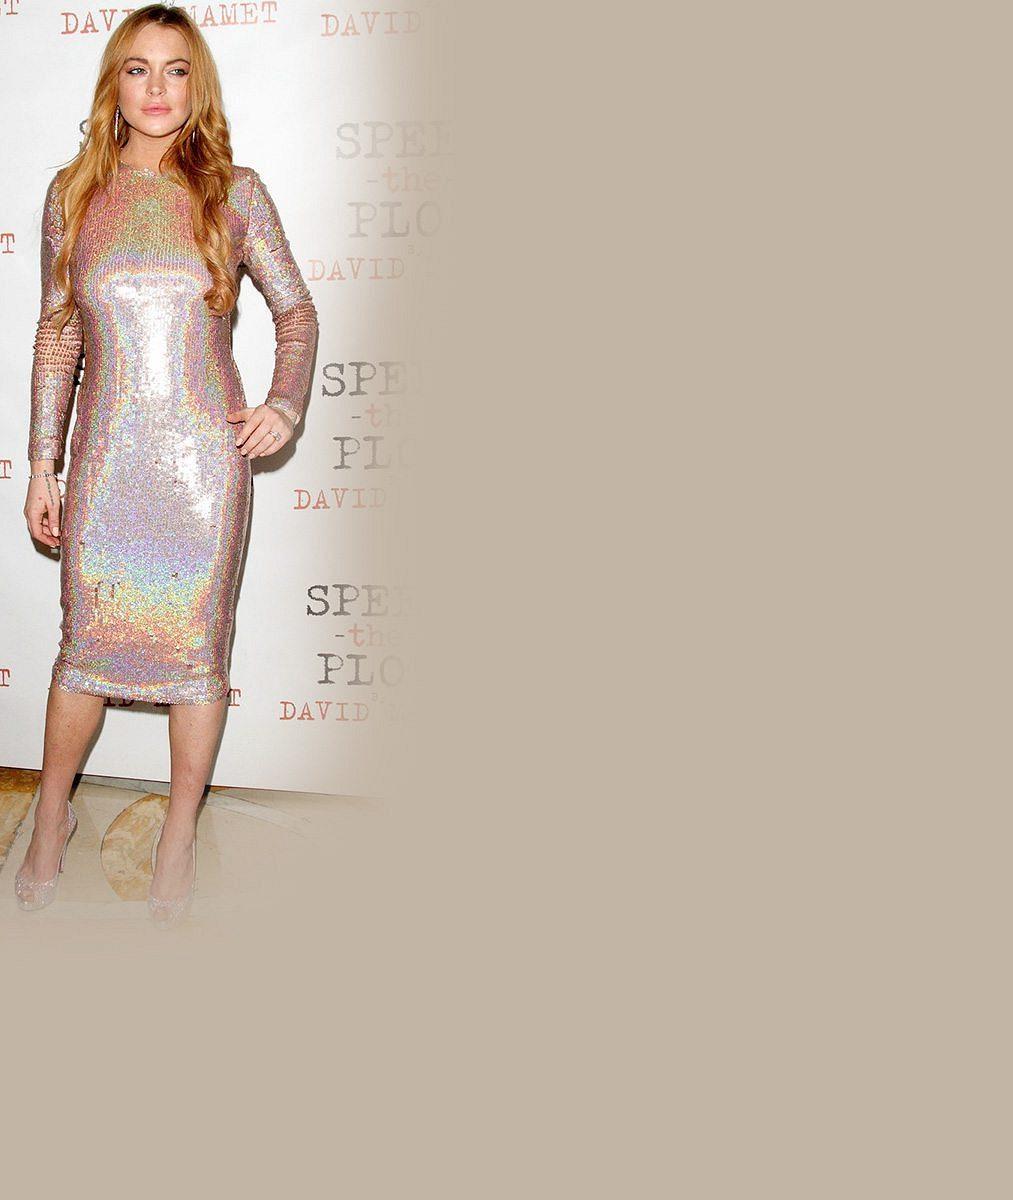 Dvě hvězdy, jedny šaty: Komu padl třpytivý luxus víc?